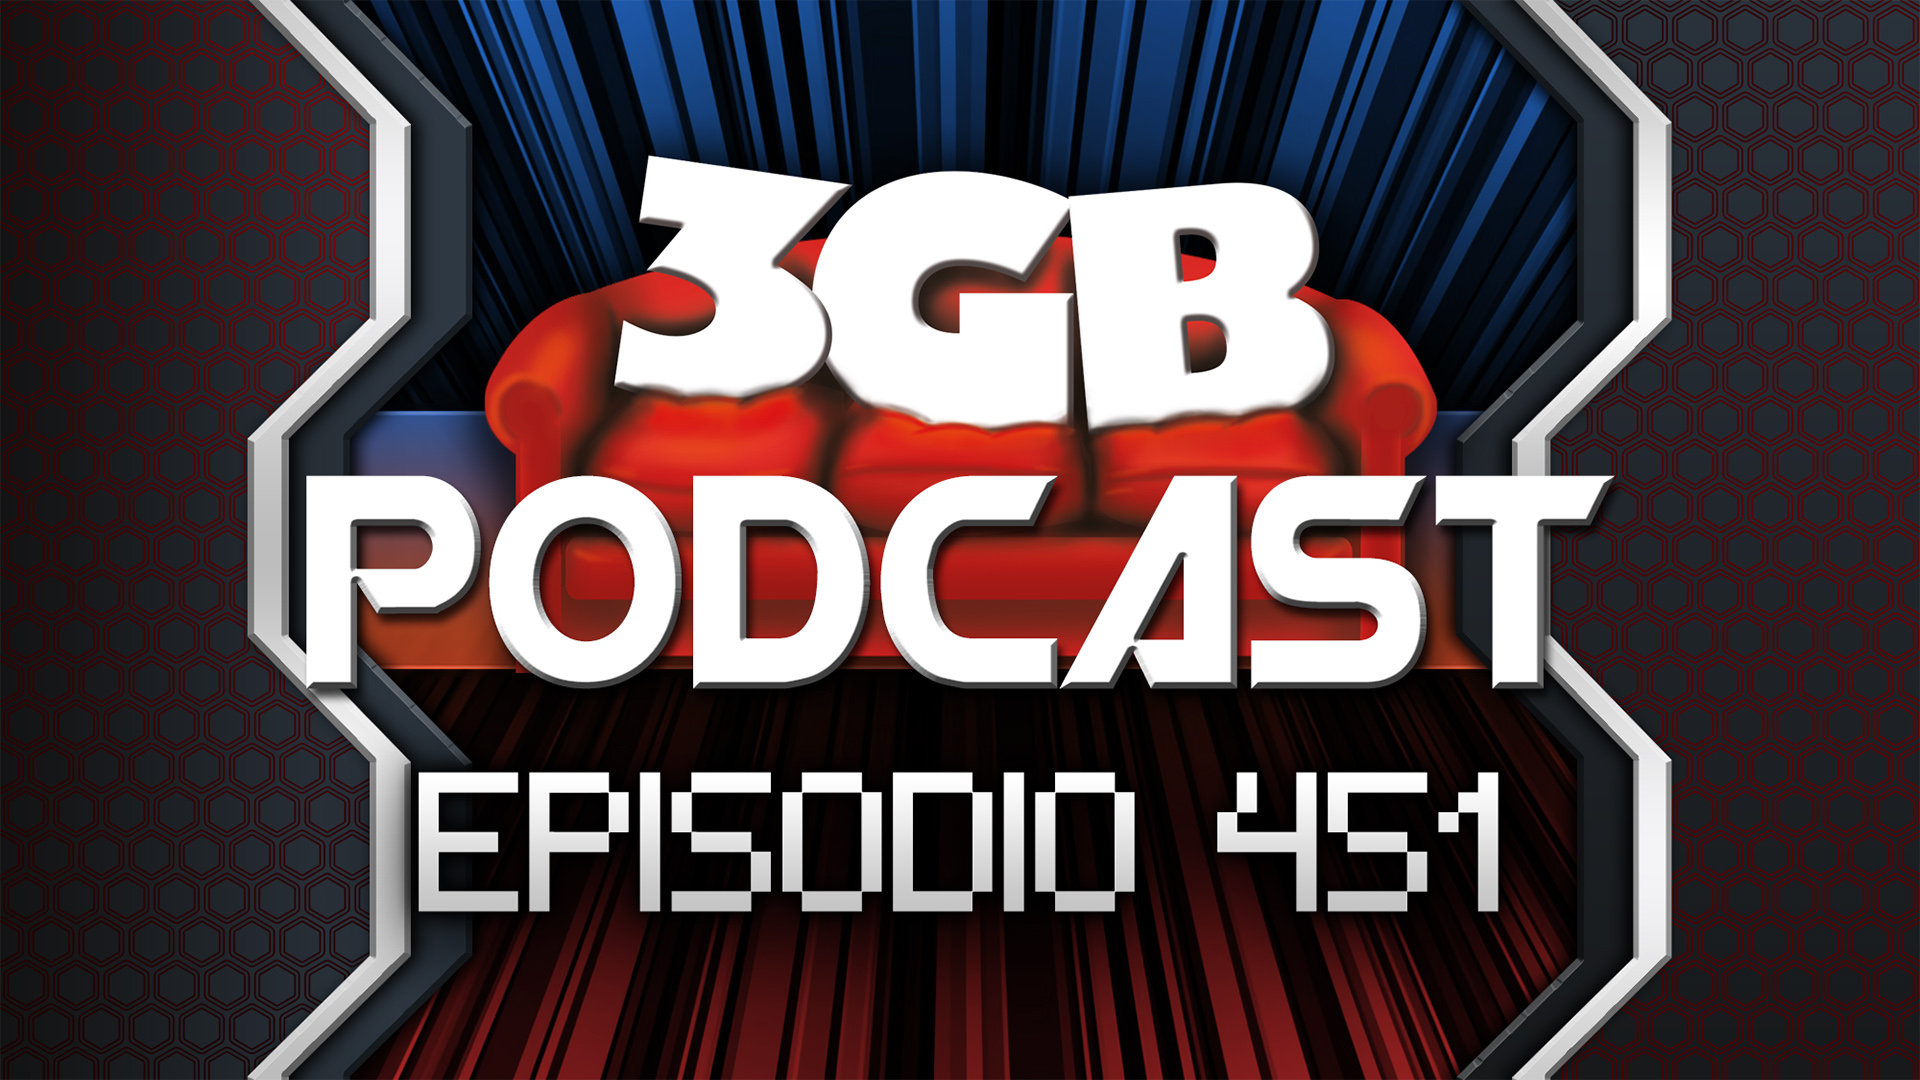 Podcast: Episodio 451, La Calma Antes de la Tormenta